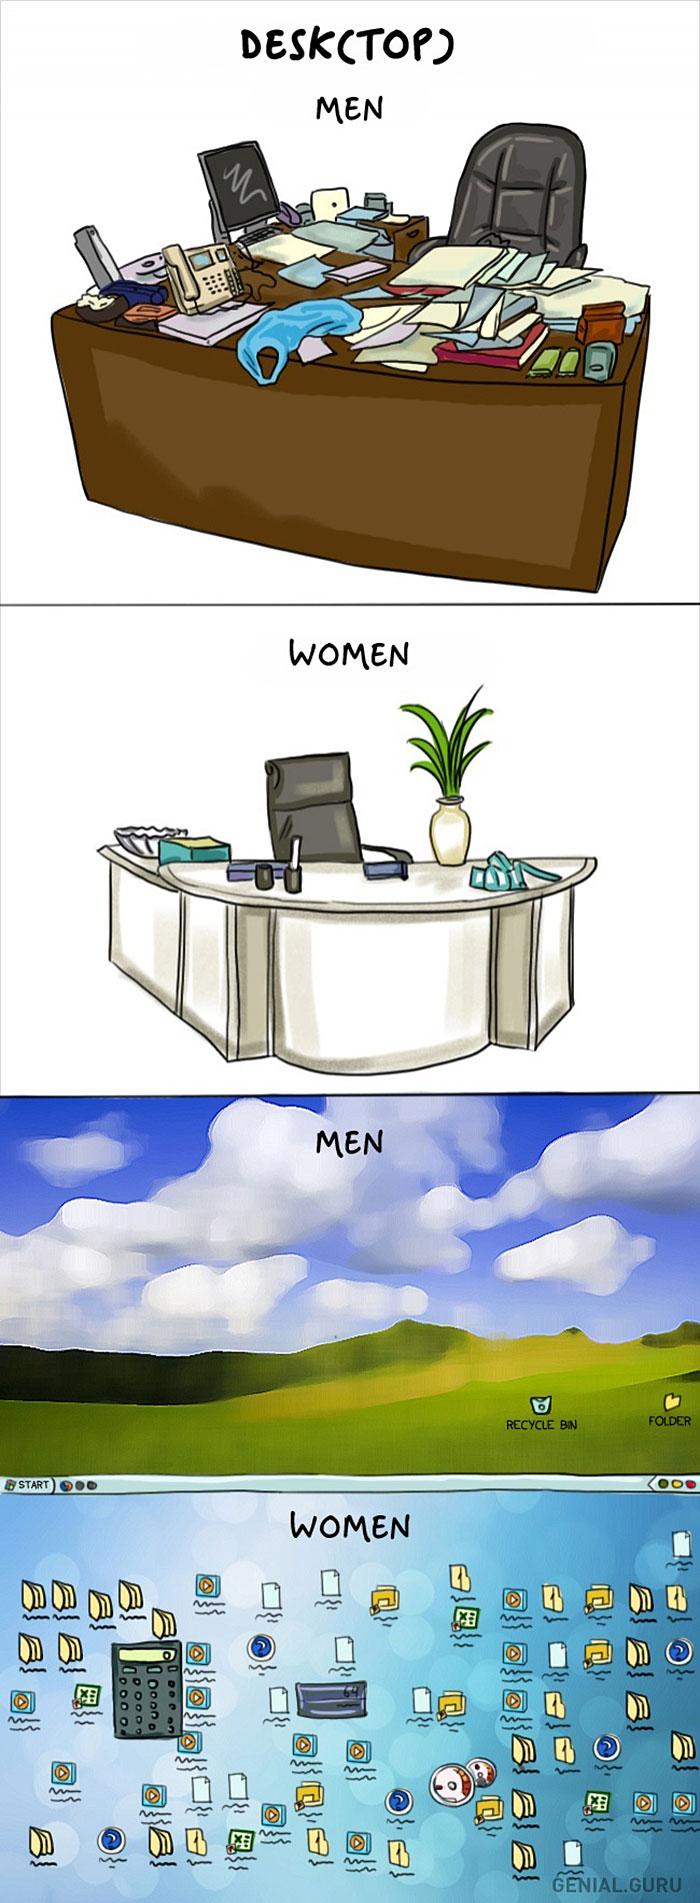 Жінки vs чоловіки: 14 яскравих відмінностей у коміксах - фото 5